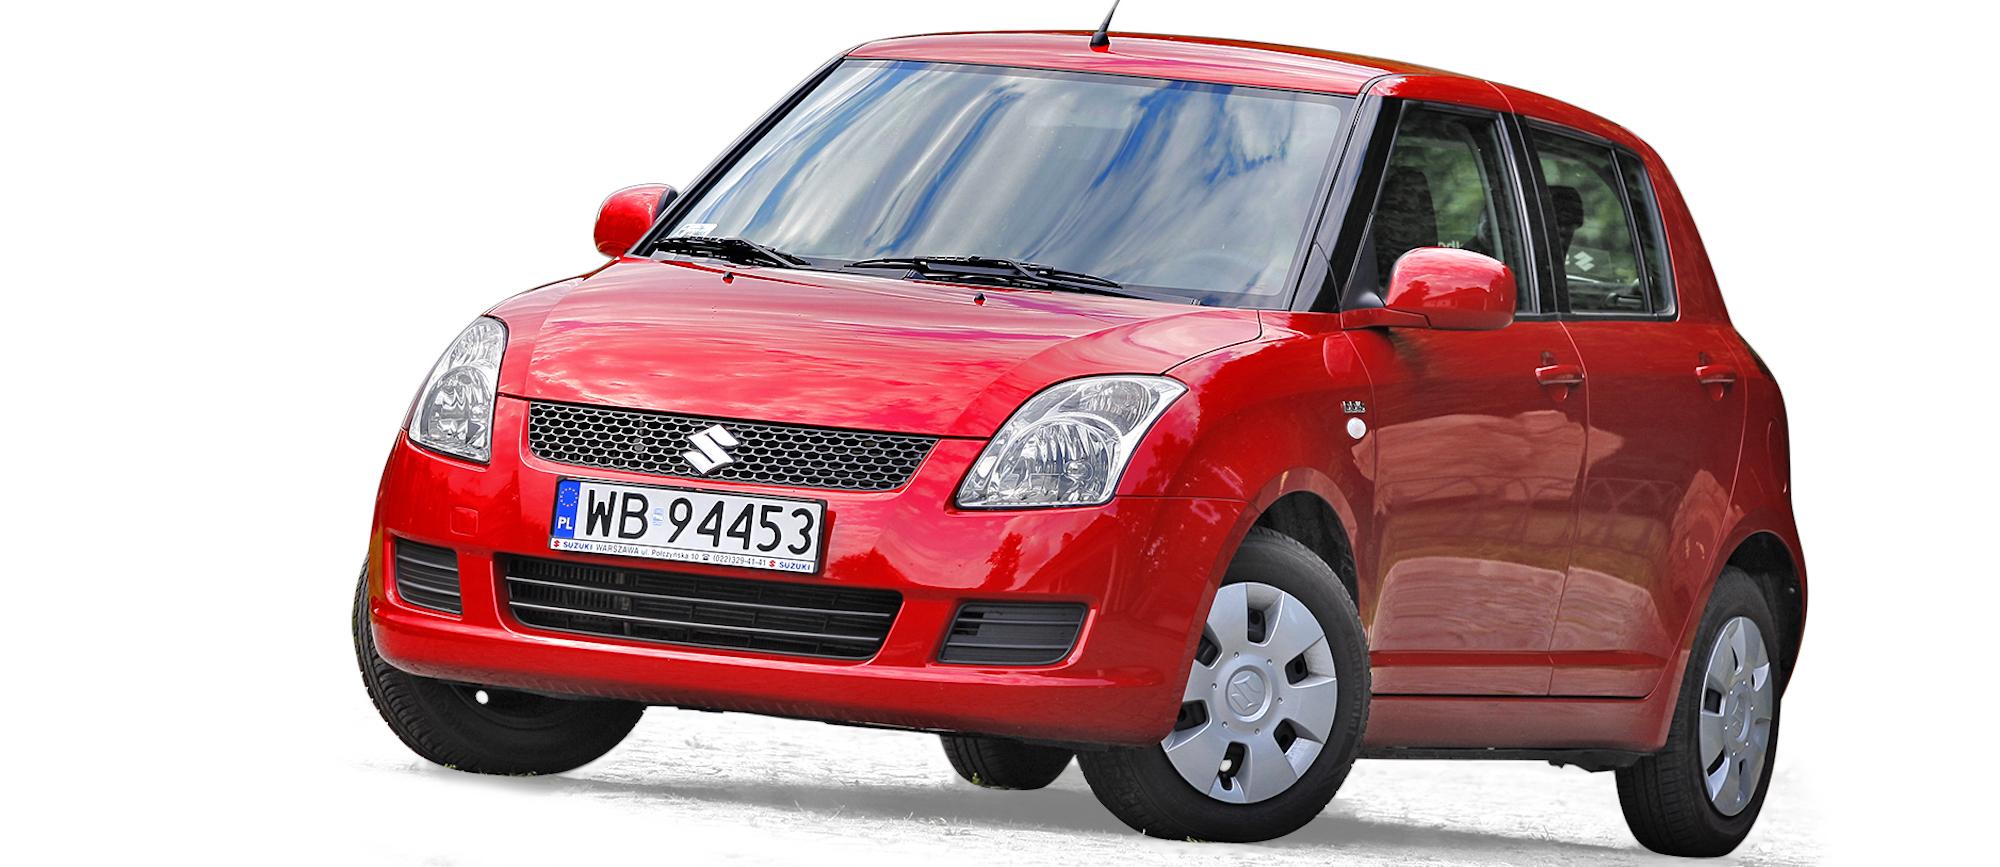 Suzuki Swift Mk4 (2004-2010)